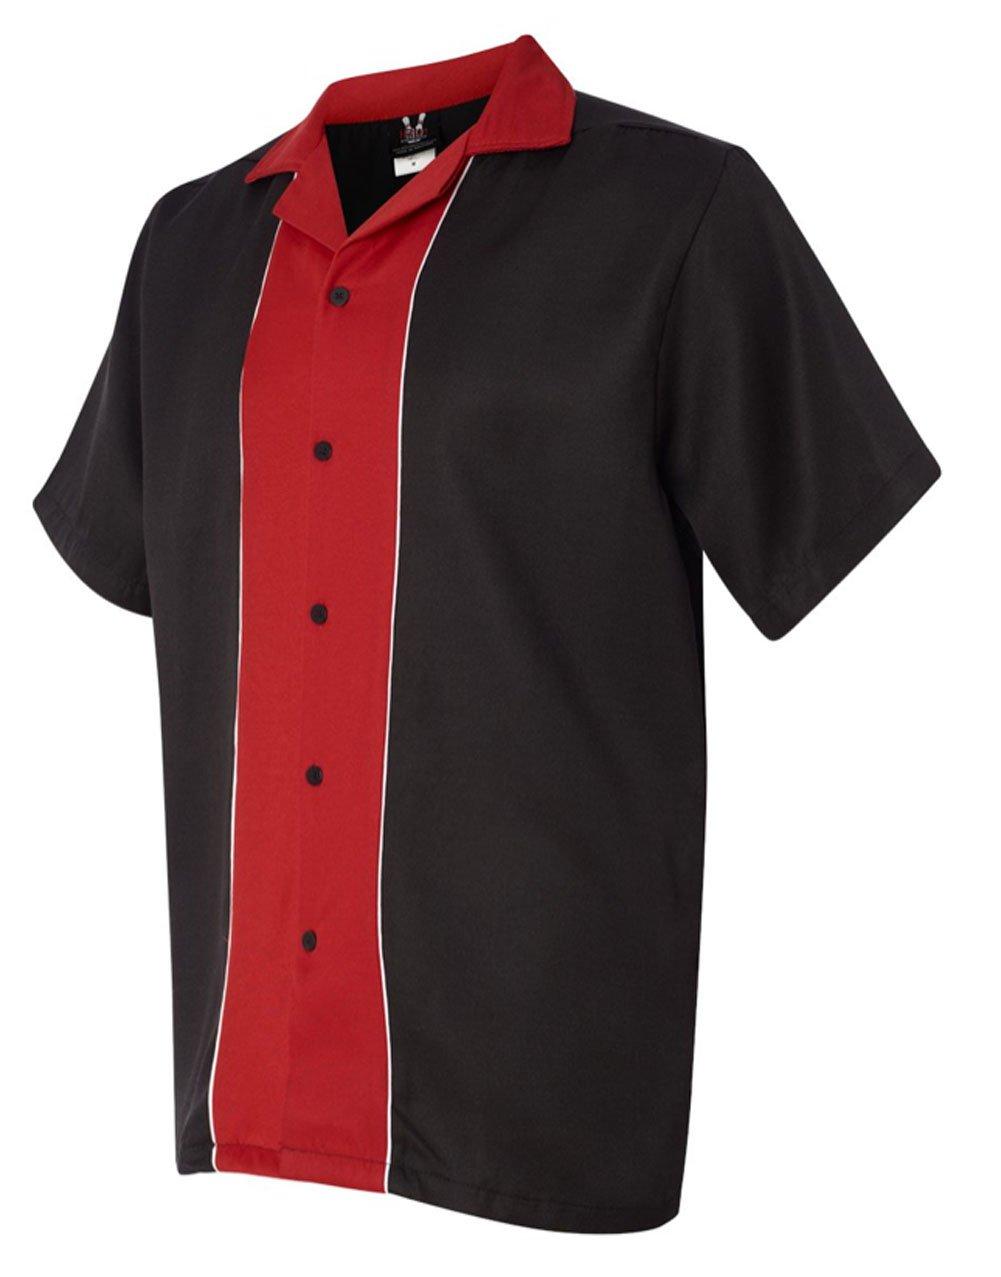 Hilton Bowling Retro Quest (Black_Red) (2X)